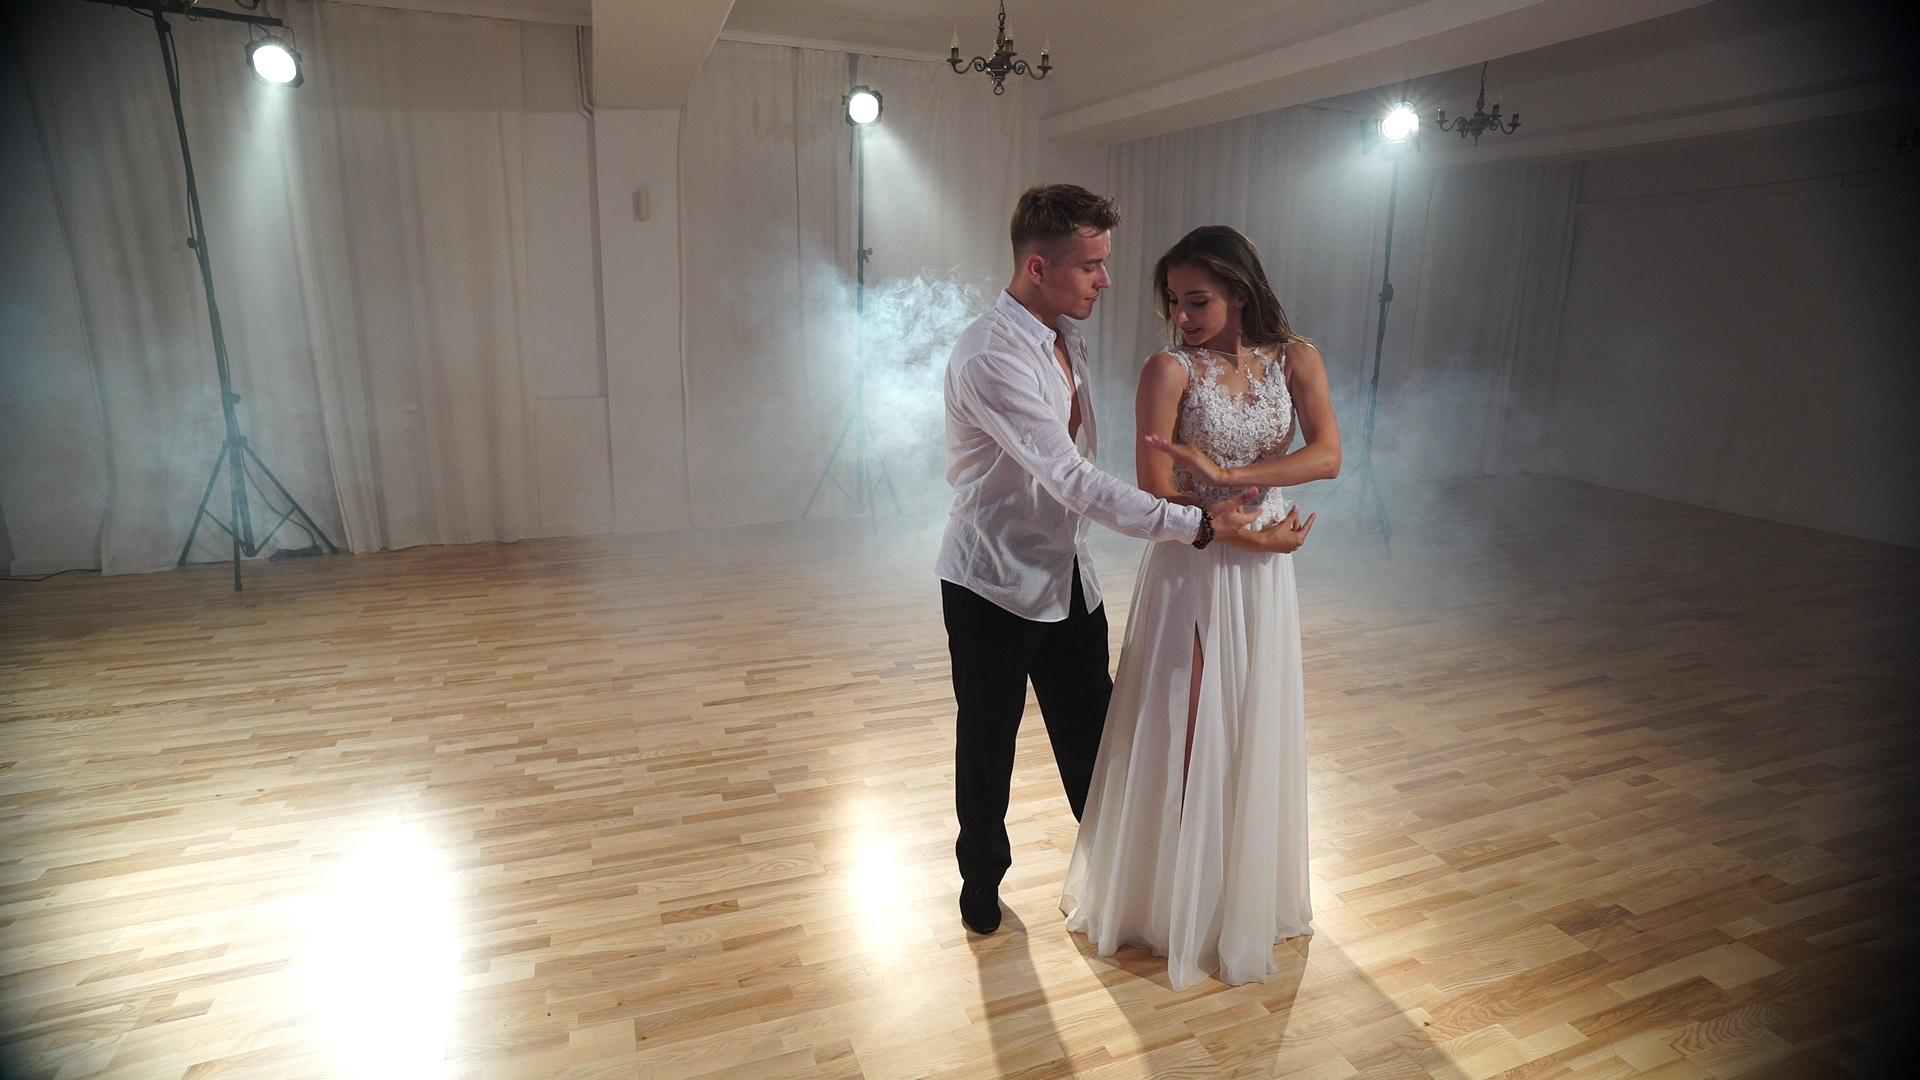 New! Calum Scott - Biblical | Wedding Dance Choreography - Pierwszy Taniec Weselny